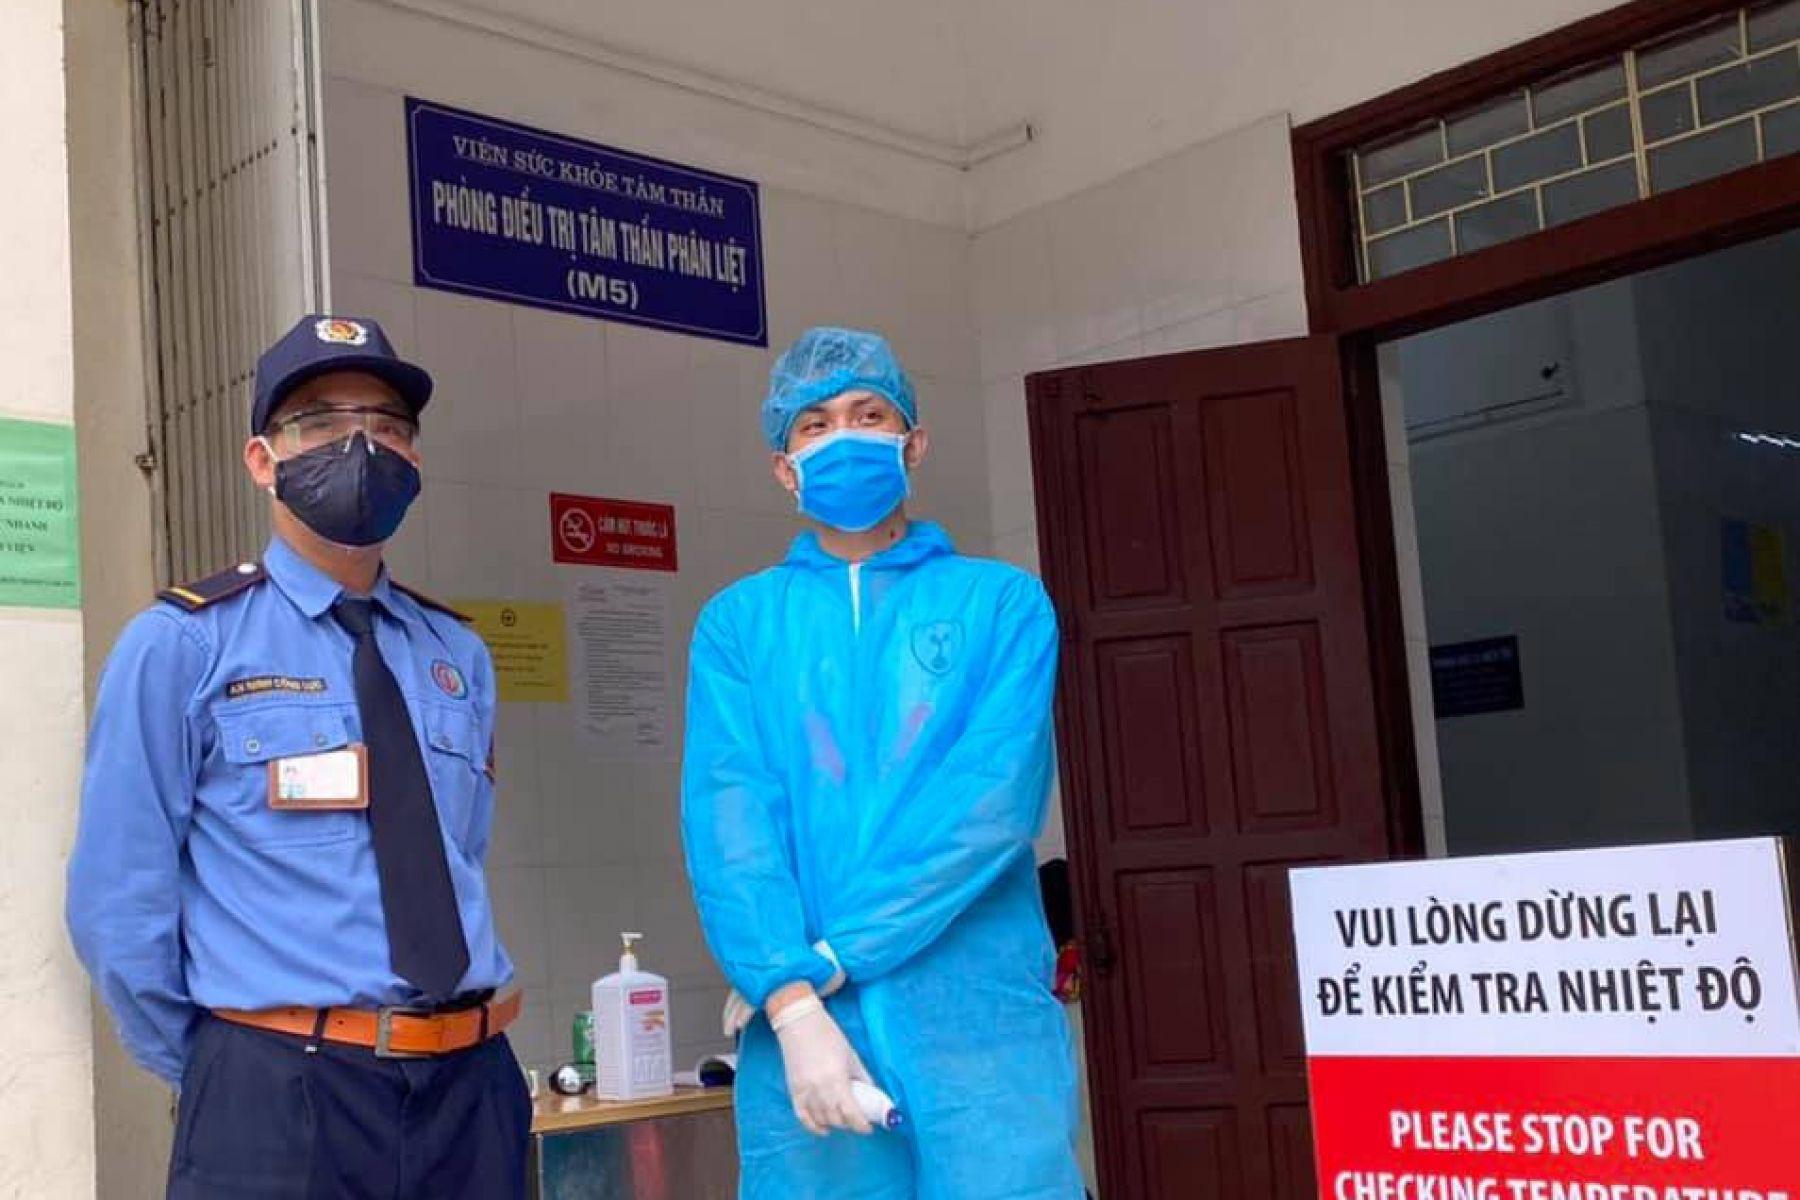 [Khẩn] Bộ Y tế: Rà soát danh sách bệnh nhân khám tại BV Bạch Mai từ ngày 10/3 - Ảnh 1.